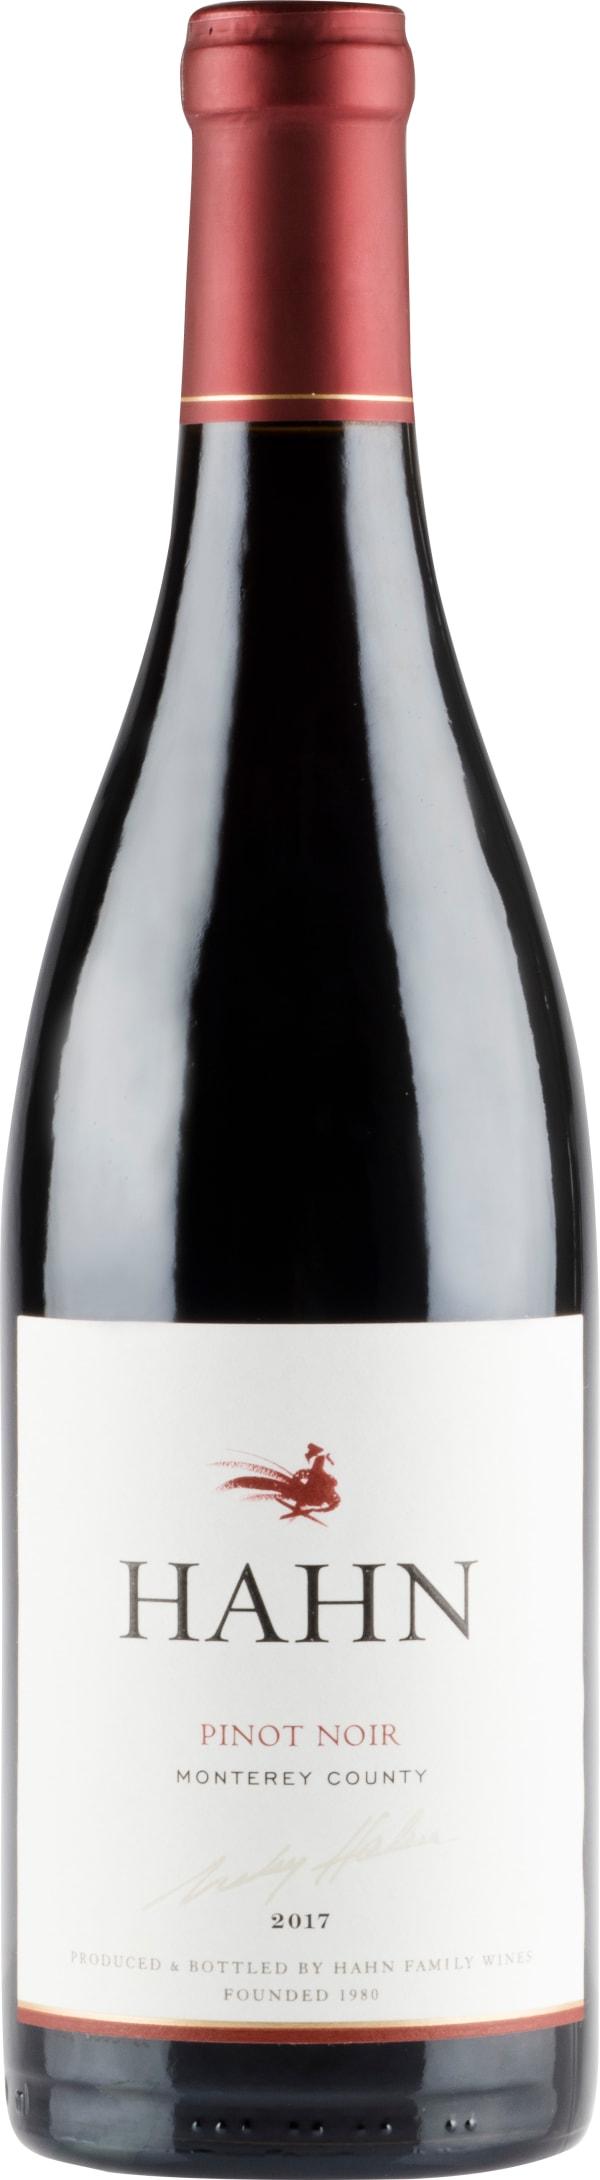 Hahn Pinot Noir 2018